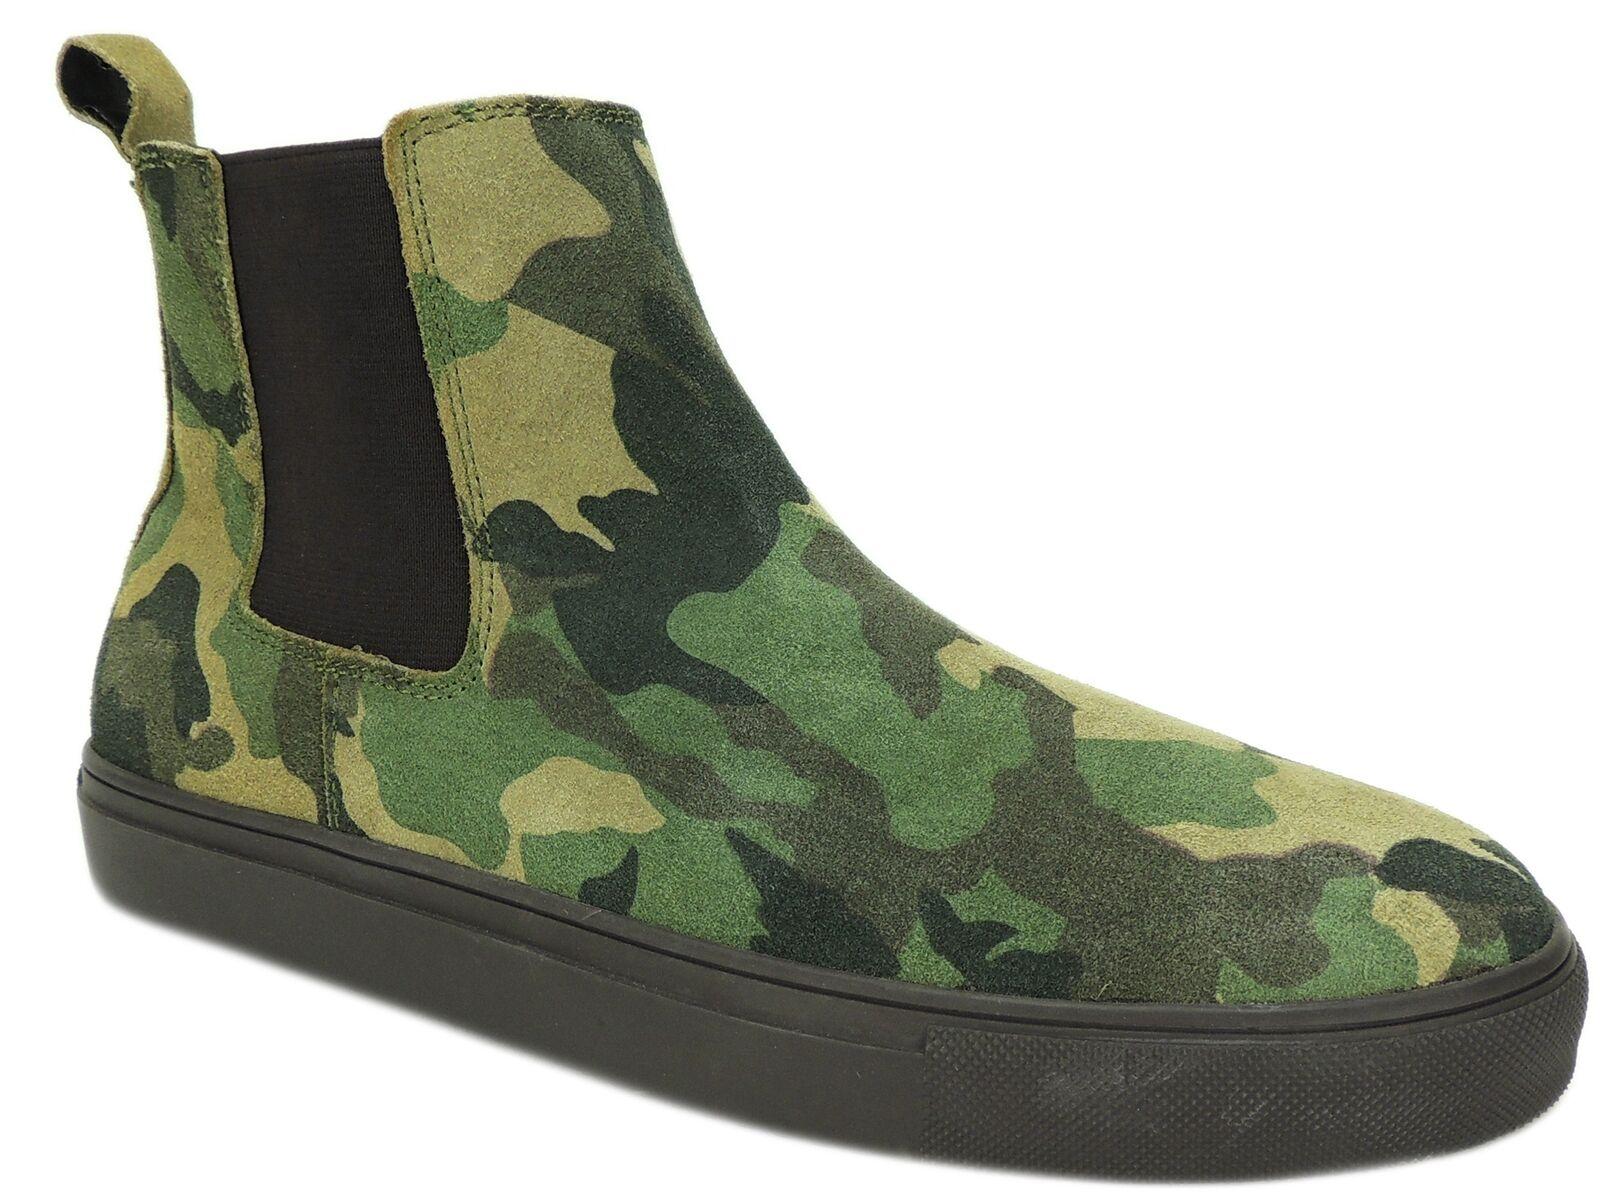 Steve Madden Uomo Dalston Casual Casual Casual scarpe da ginnastica verde Camouflage Dimensione 10.5 M b218ab